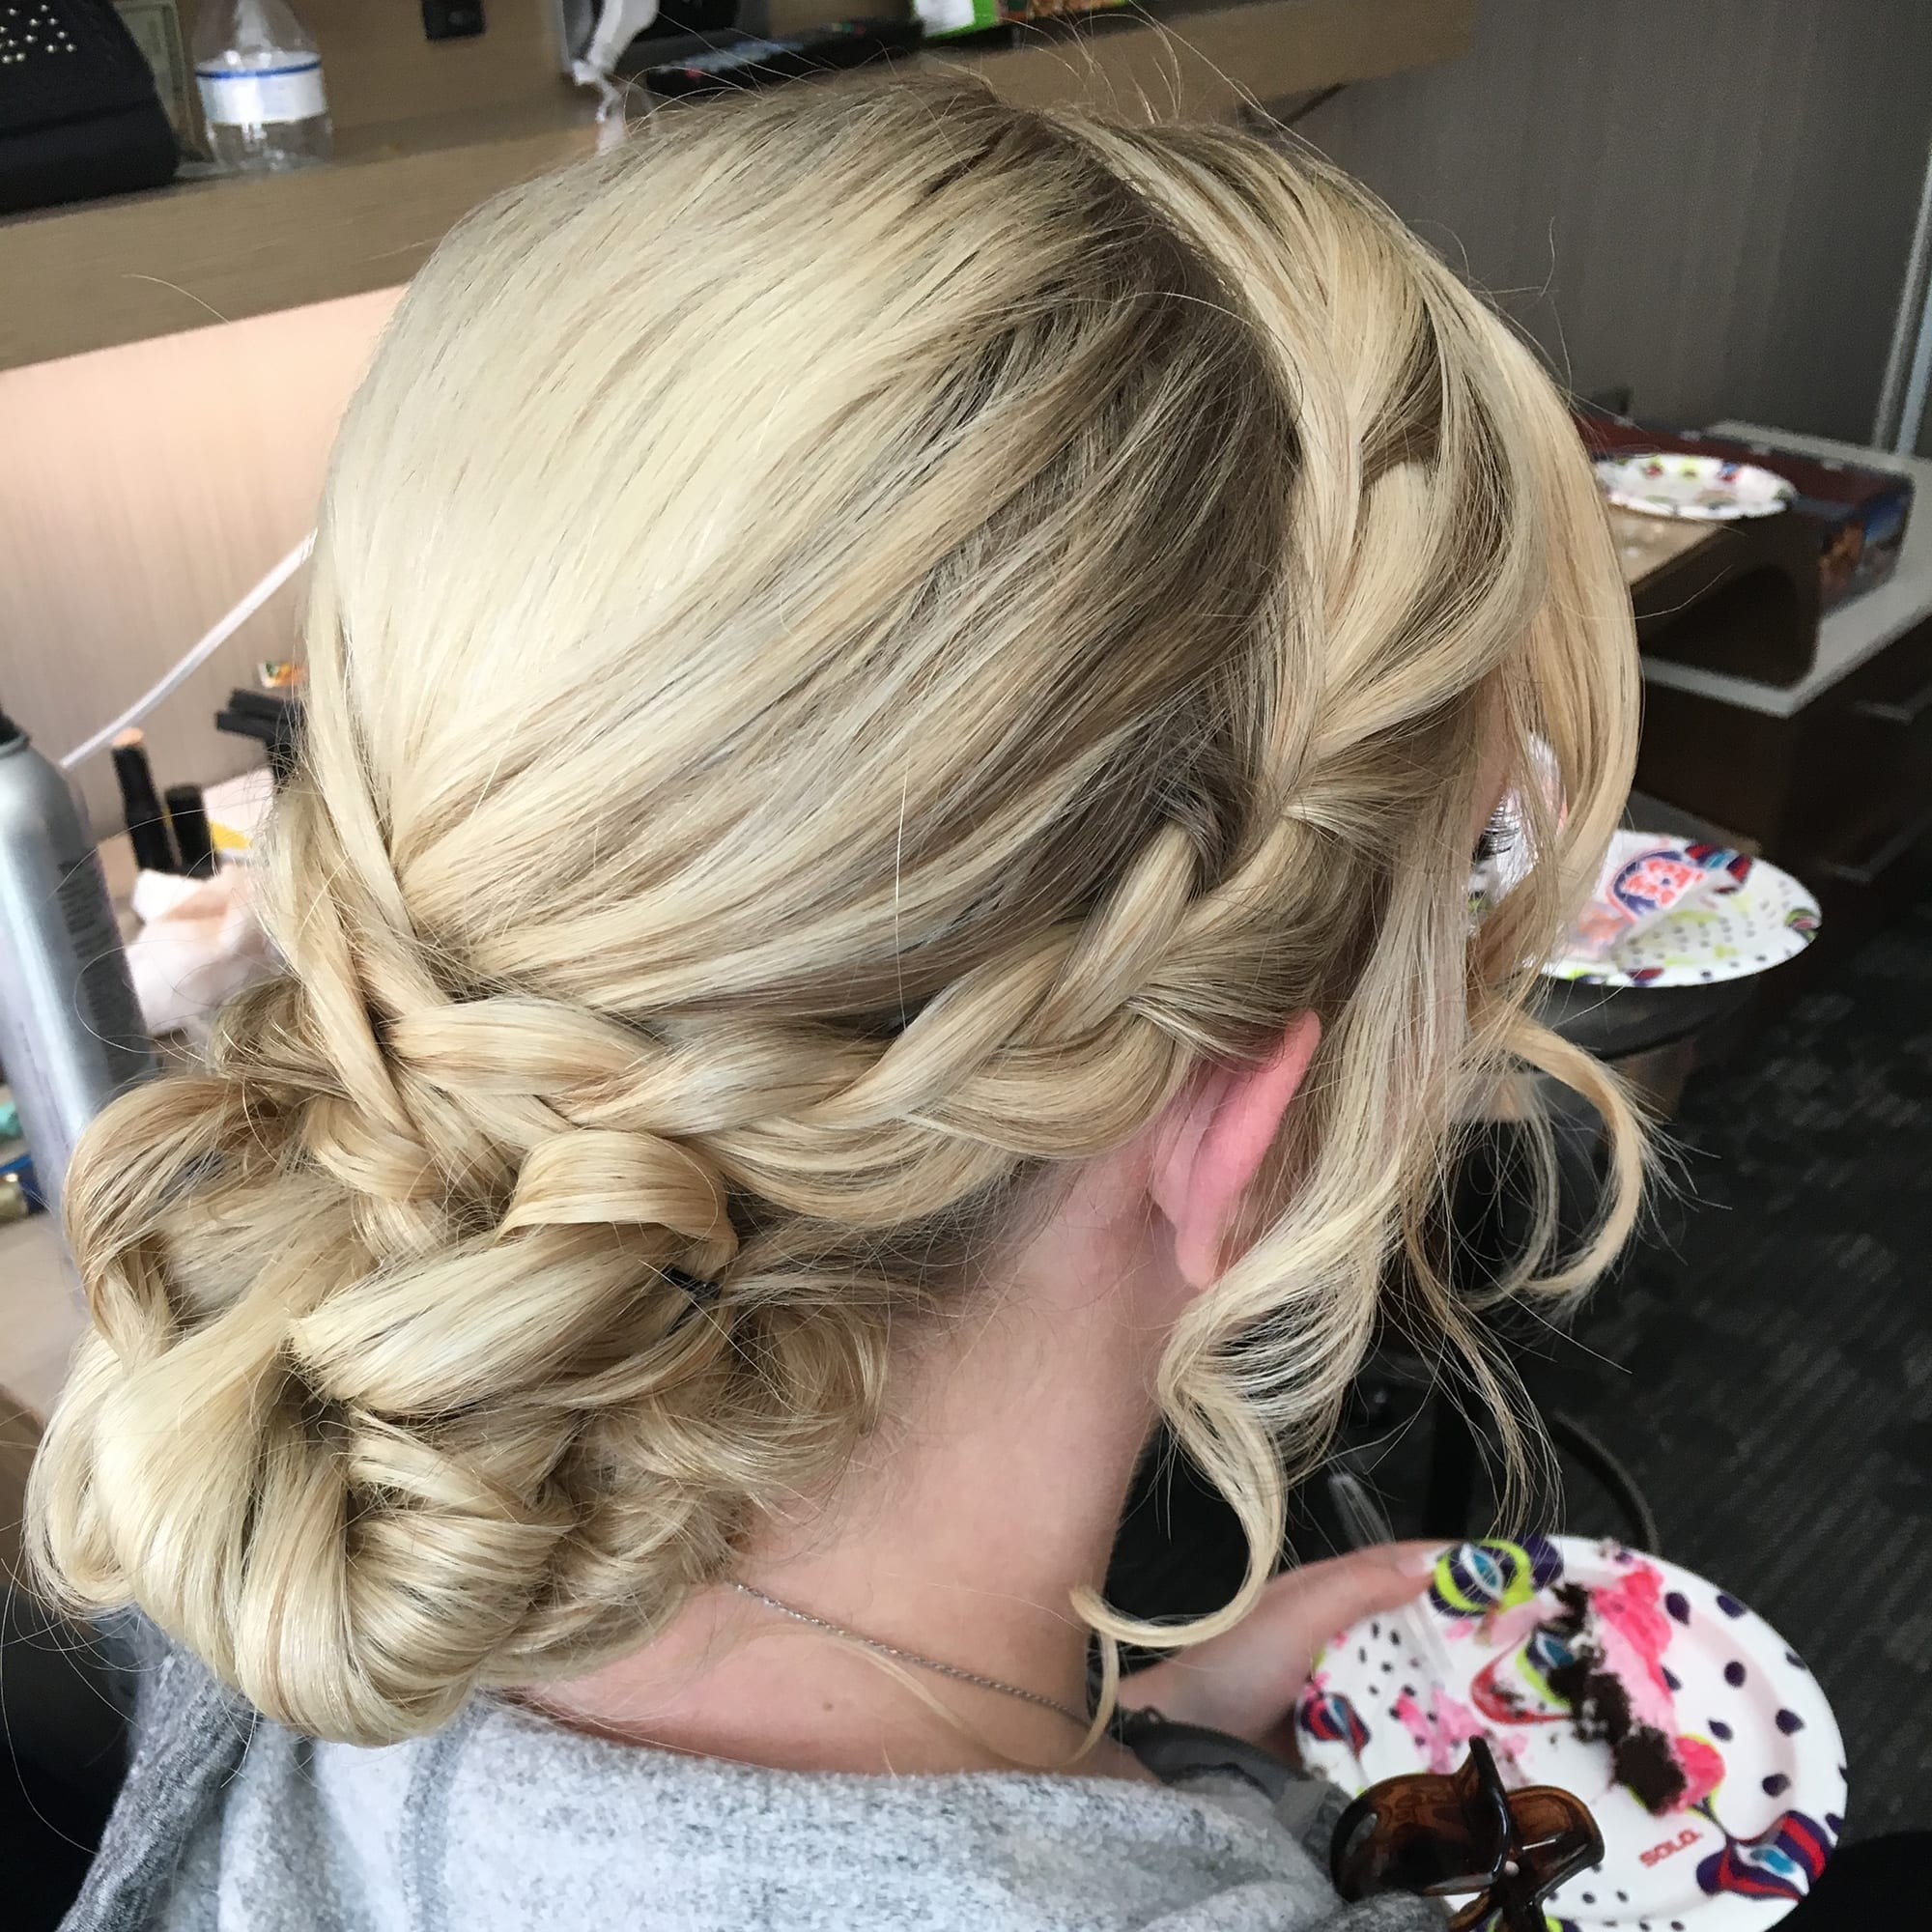 Blonde Braided Bun